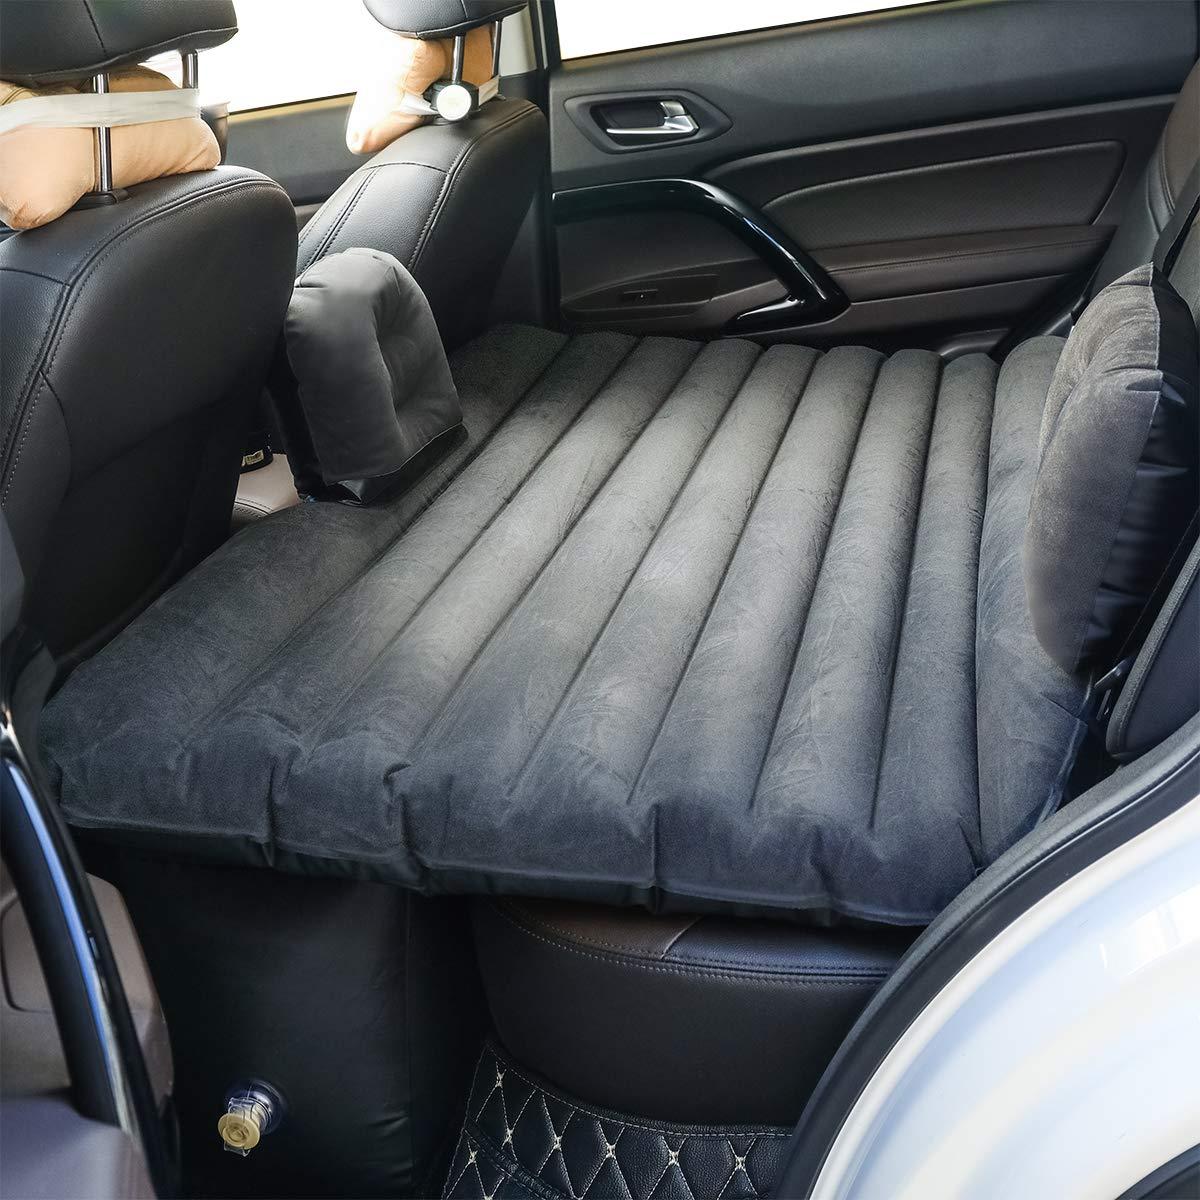 フリードプラスのサイズ【荷室|3列目】は?車中泊用改造法伝授!